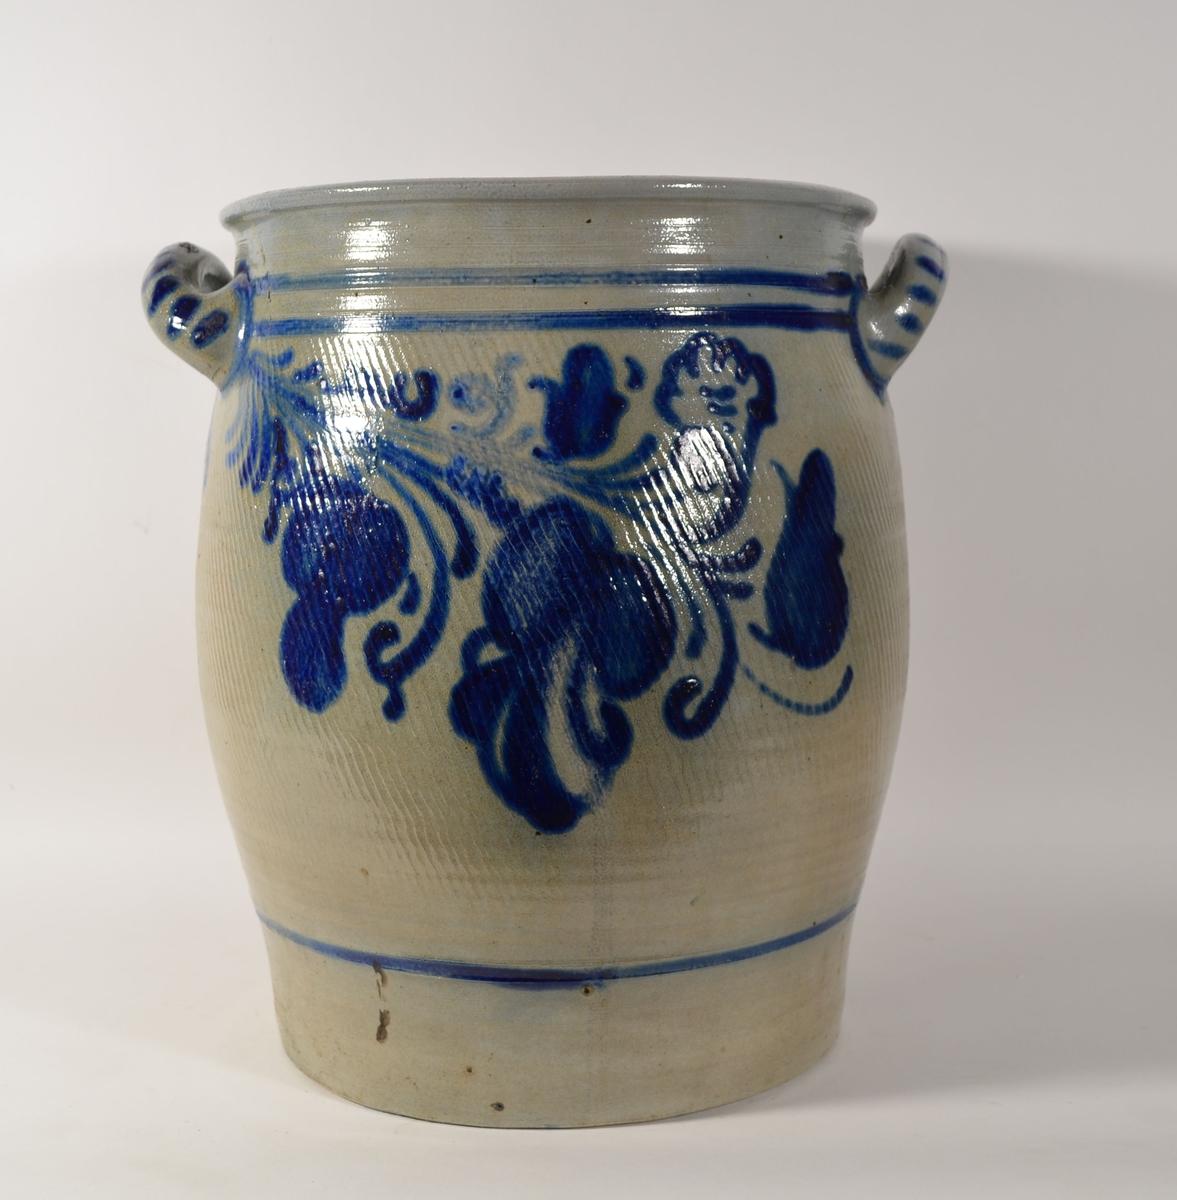 Grå krukke i lett konveks form i leirgods med blå dekor. To håndtak ved krukkens åpning.